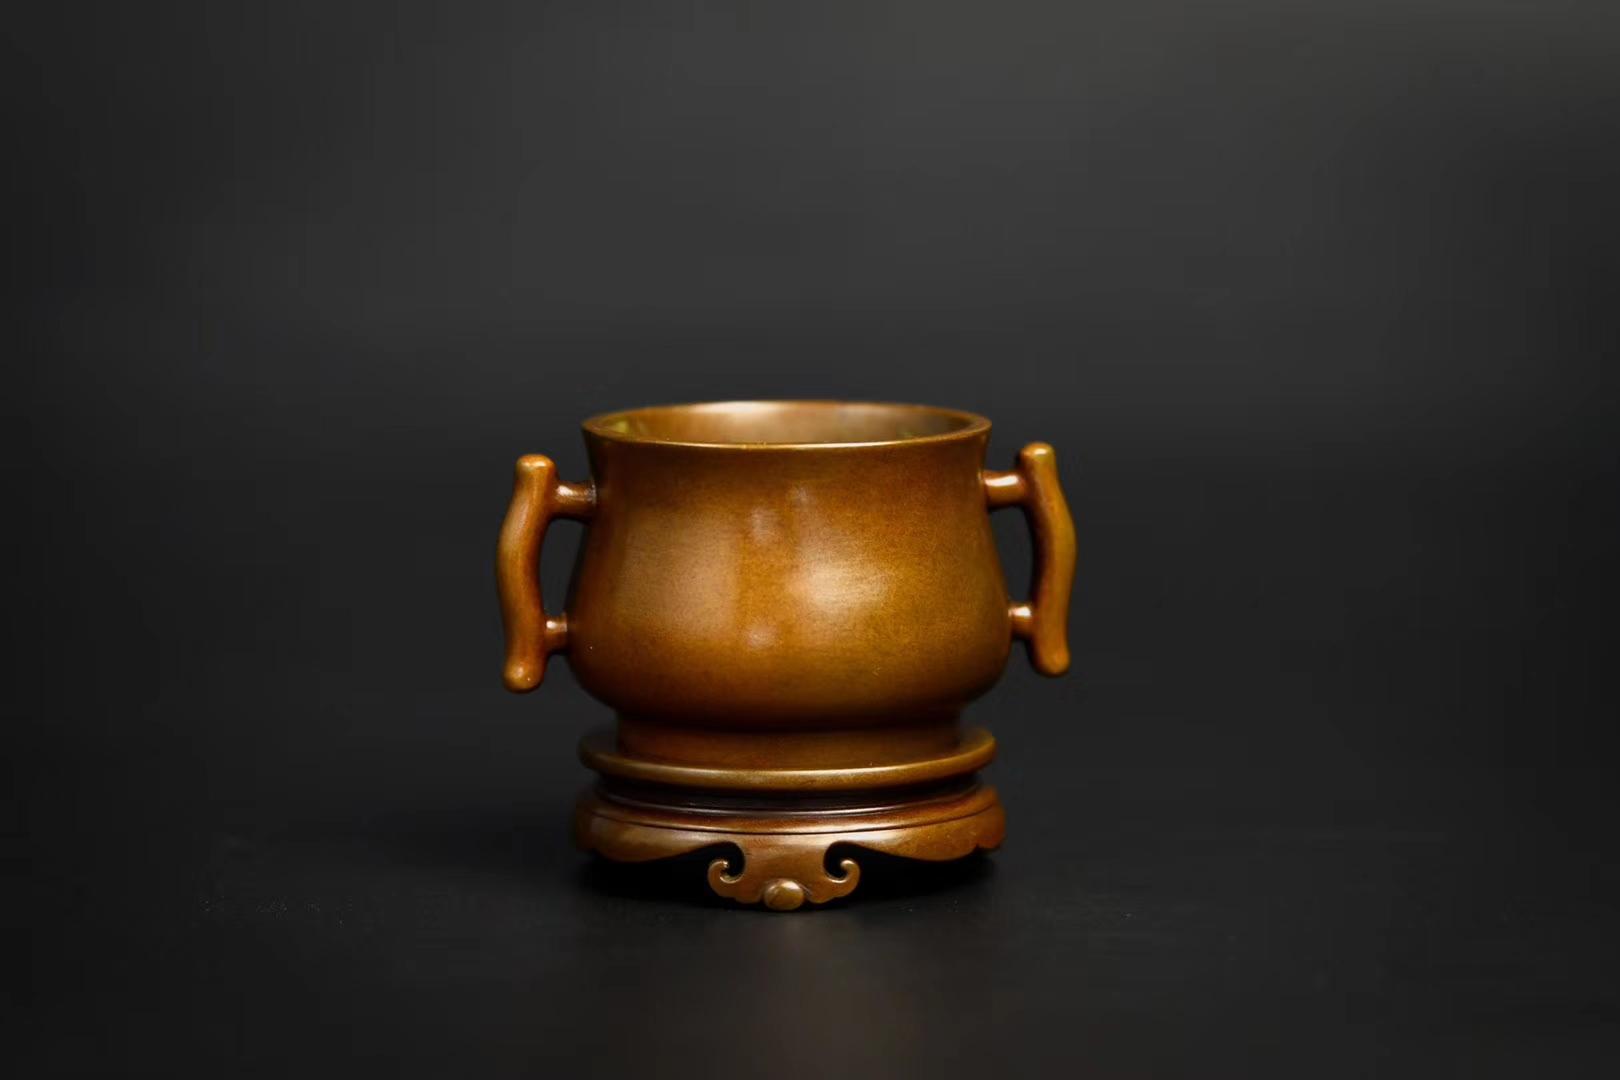 泰山家居艺术品泰山青云艺术品(上海)有限公司:铜香炉保养方法